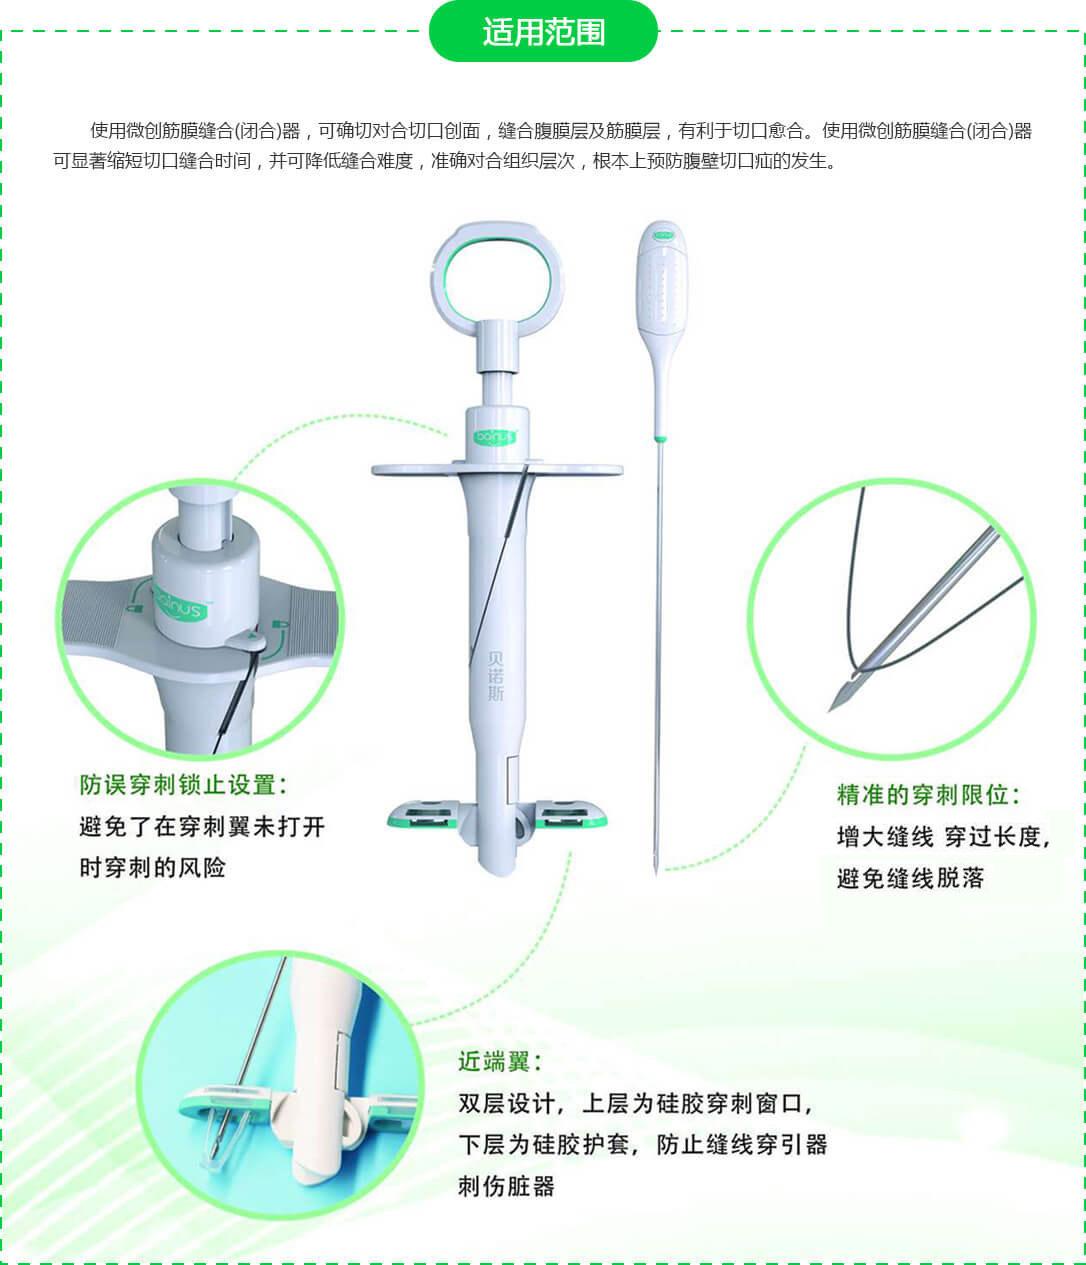 微創筋膜縫合(閉合)器適用范圍